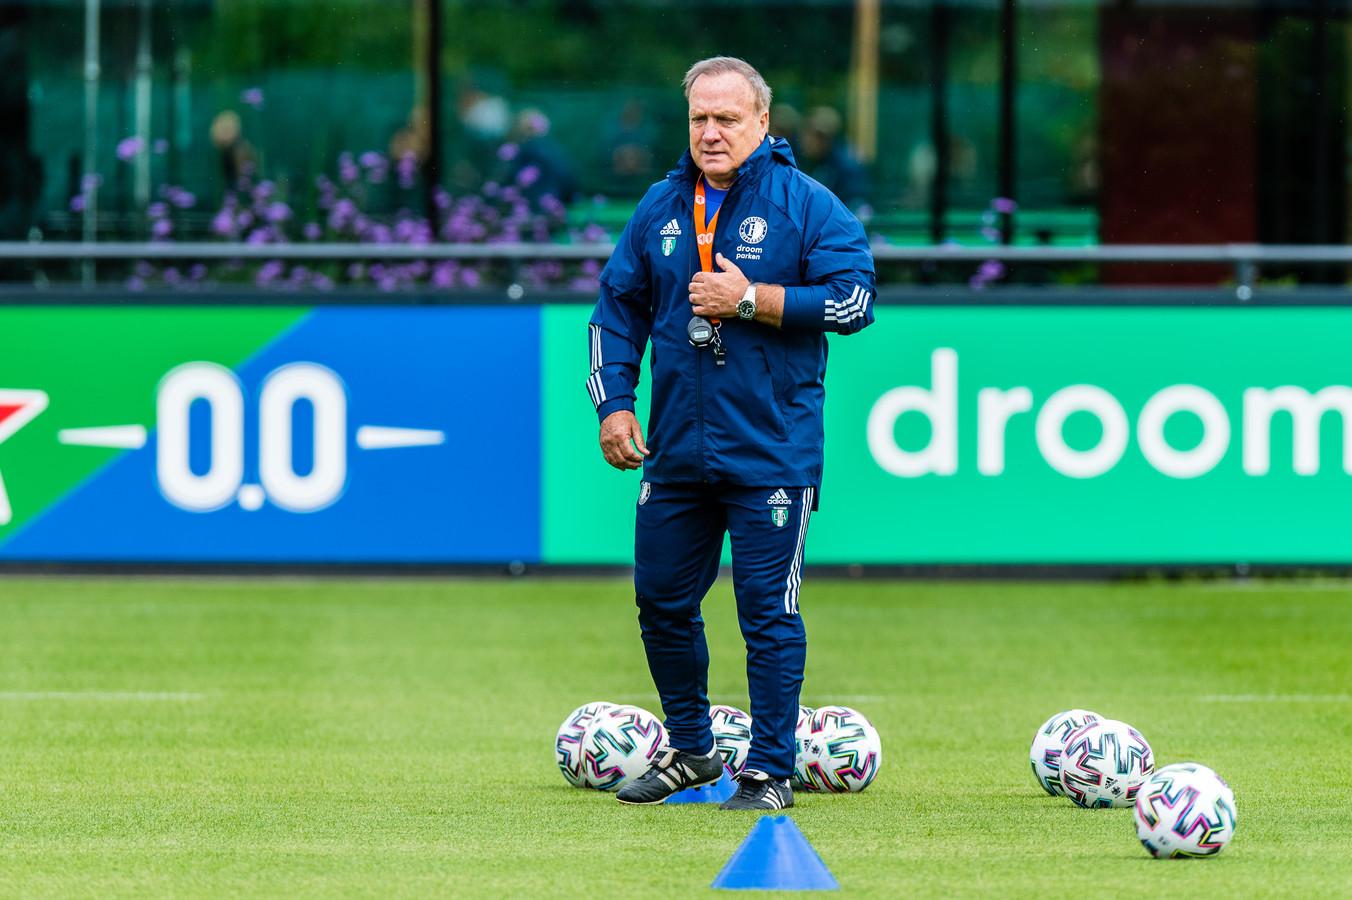 Dick Advocaat leidt de eerste training van Feyenoord in aanloop naar het nieuwe seizoen.